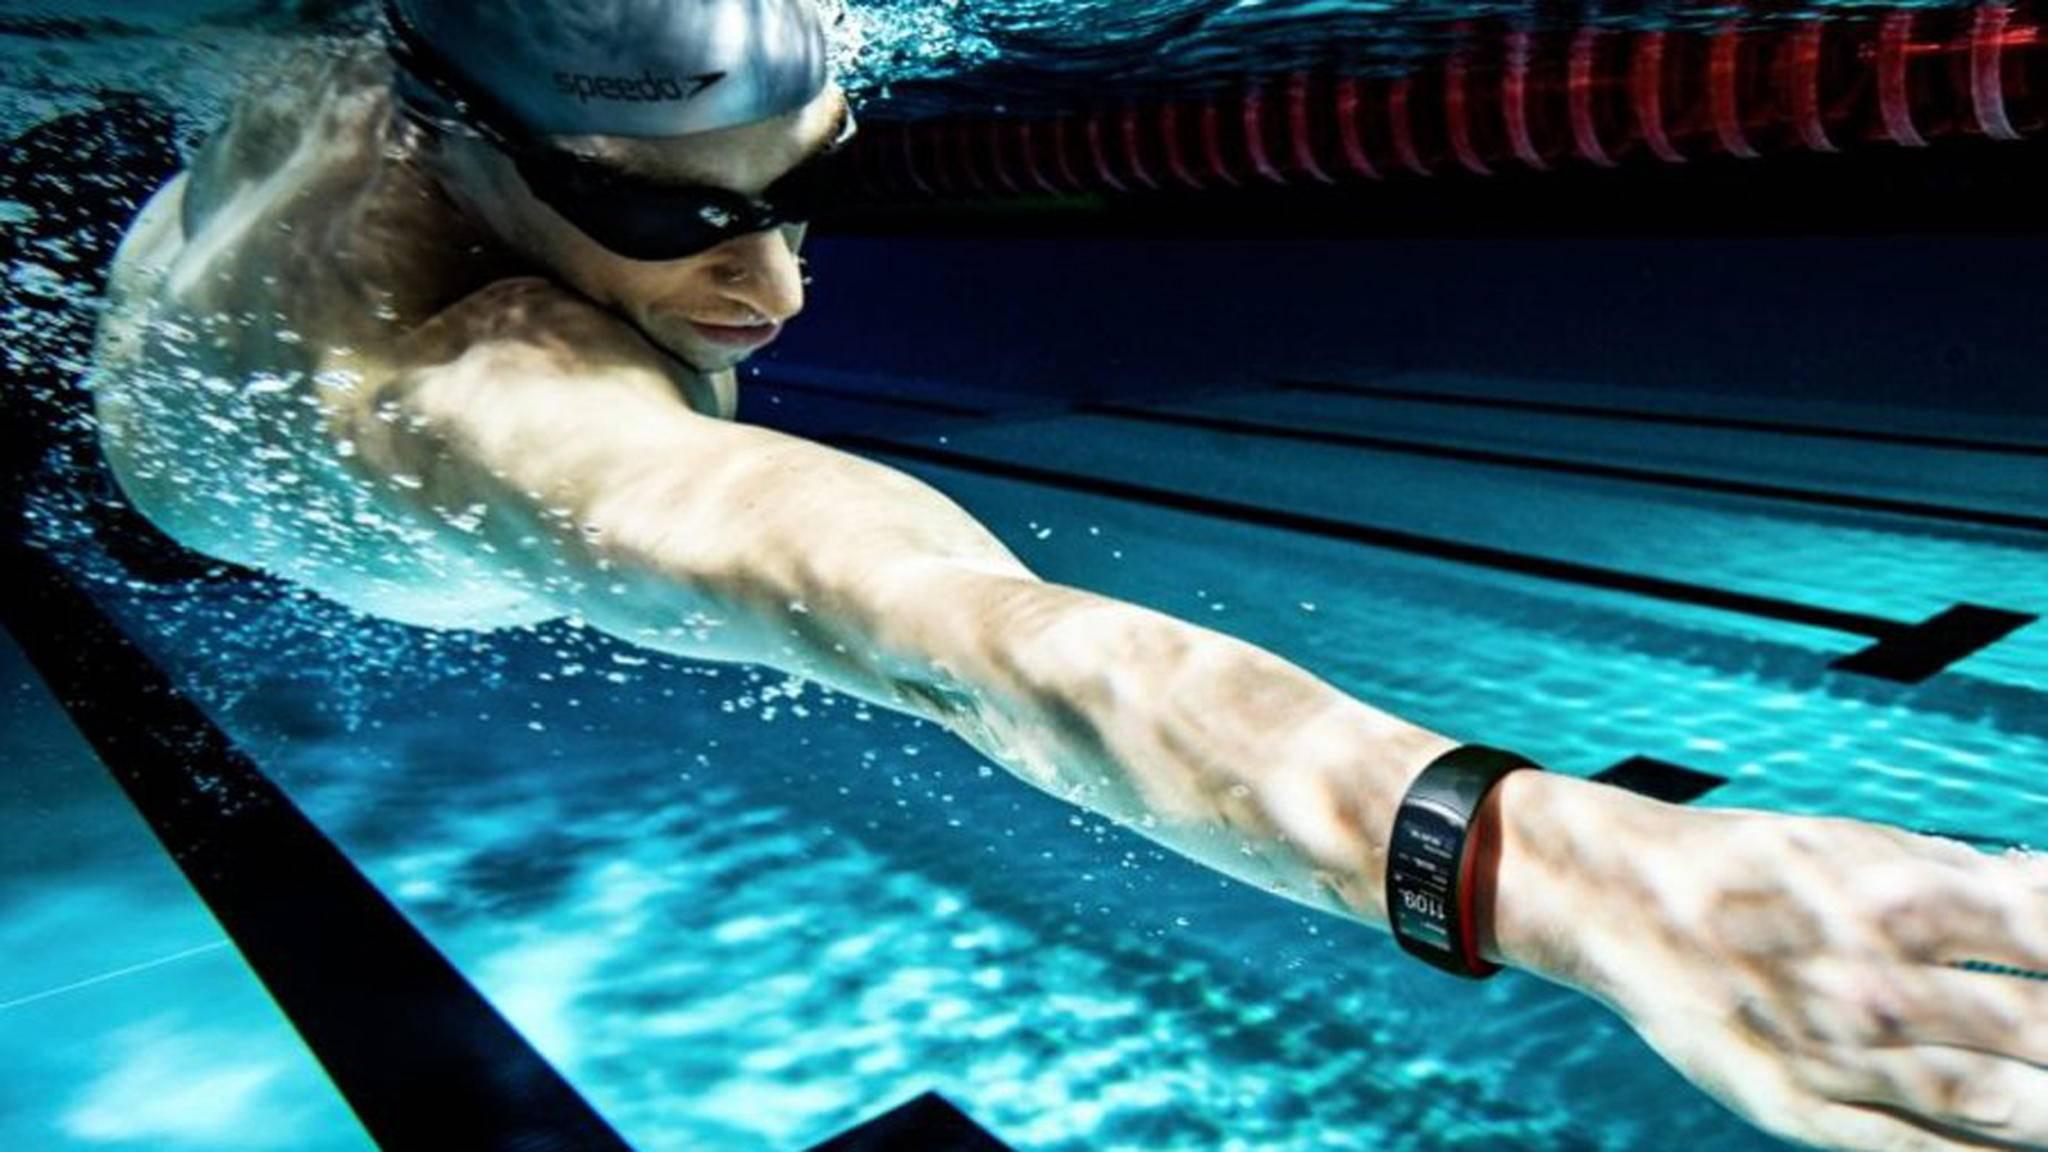 Auf der IFA 2017 führt Samsung insgesamt drei neue Sport-Wearables vor: zwei Smartwatches und kabellose Kopfhörer.